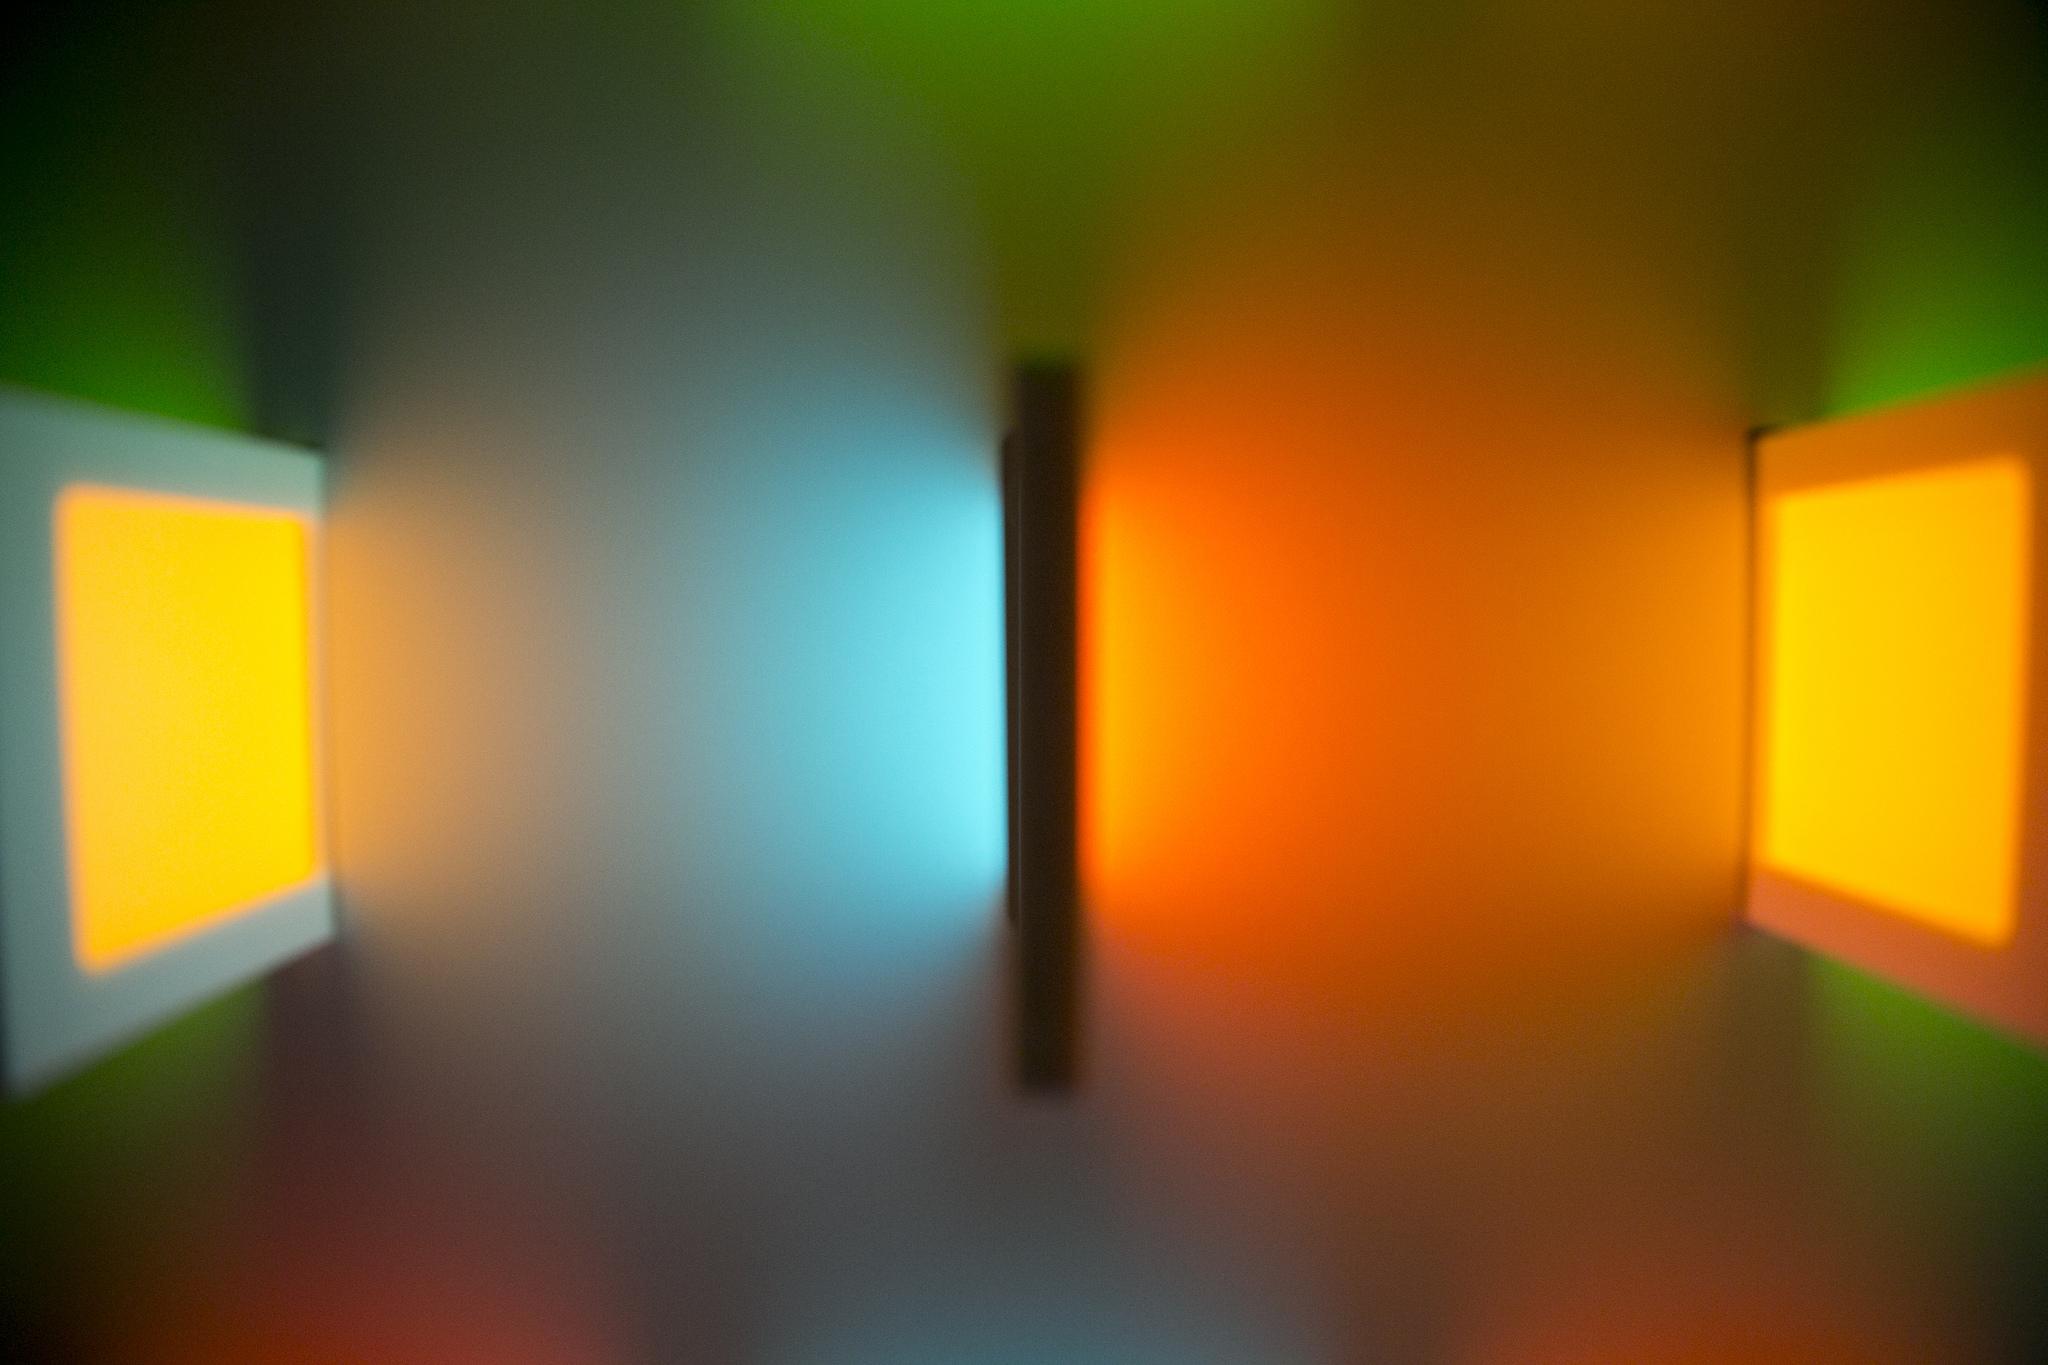 Lighting Objet 2013 (光と音のシンフォニー「ライティング・オブジェ2013」)